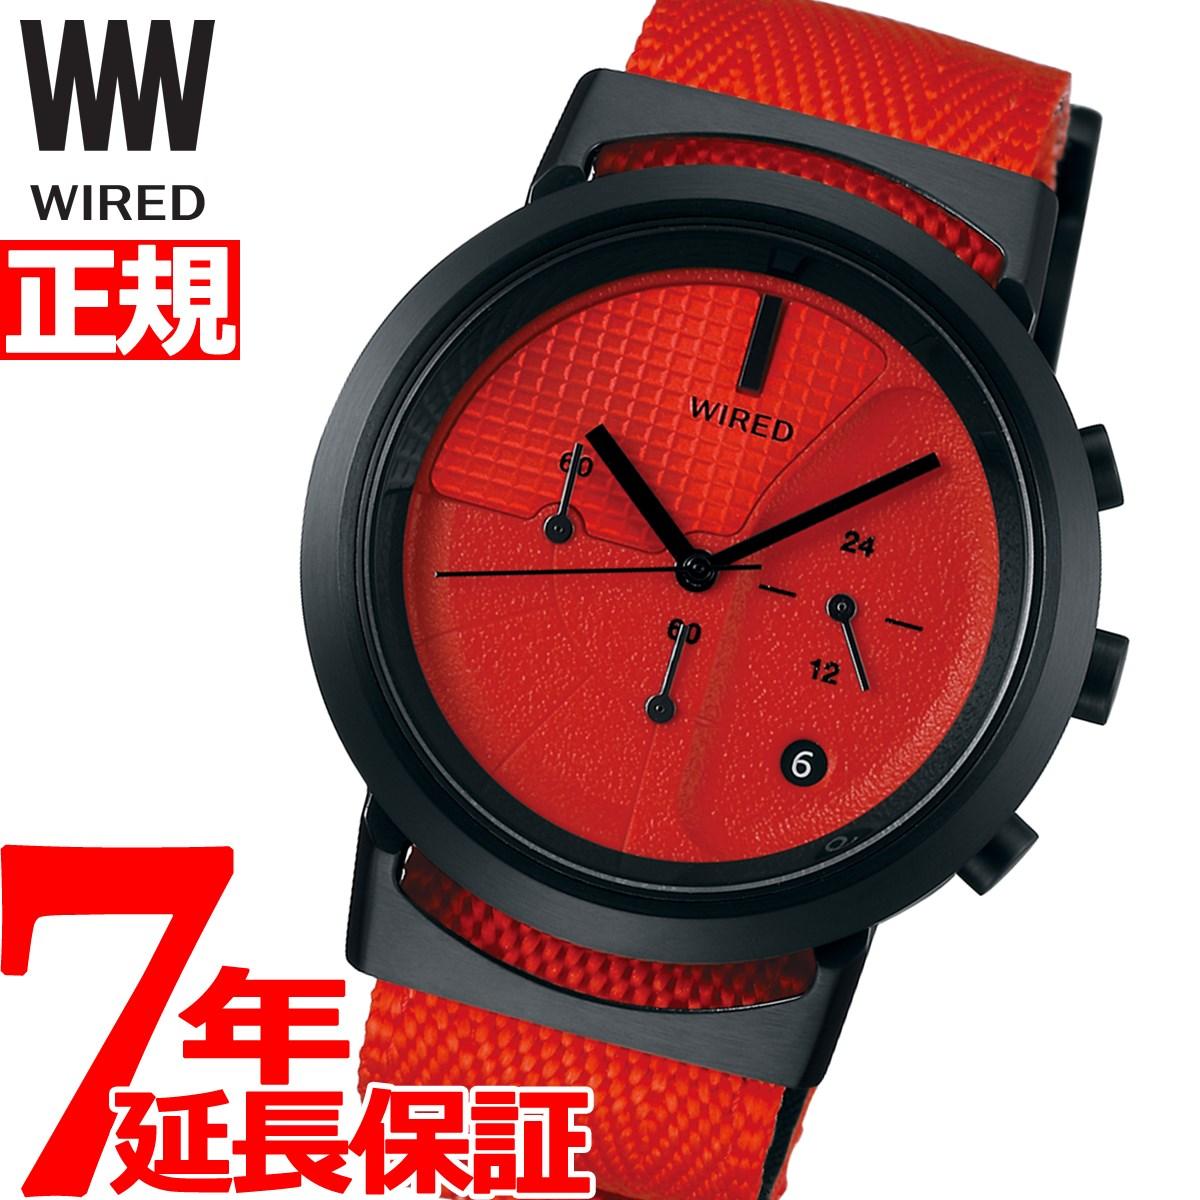 【5日0時~♪2000円OFFクーポン&店内ポイント最大51倍!5日23時59分まで】セイコー ワイアード ツーダブ SEIKO WIRED WW 腕時計 メンズ レディース TYPE03 AGAT435